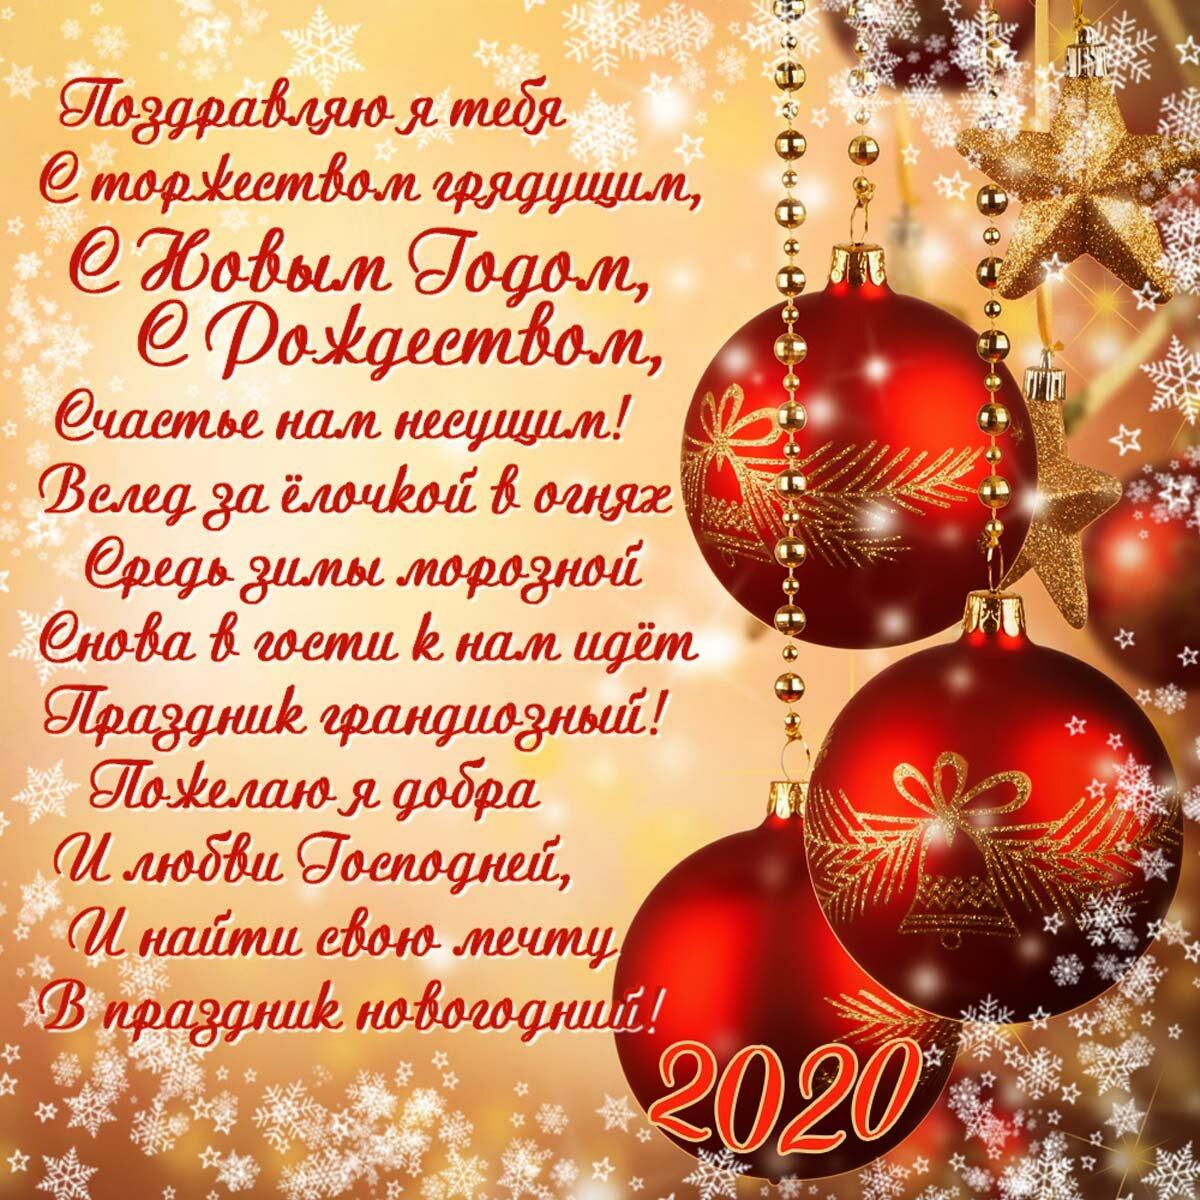 Хабальное поздравление с новым годом